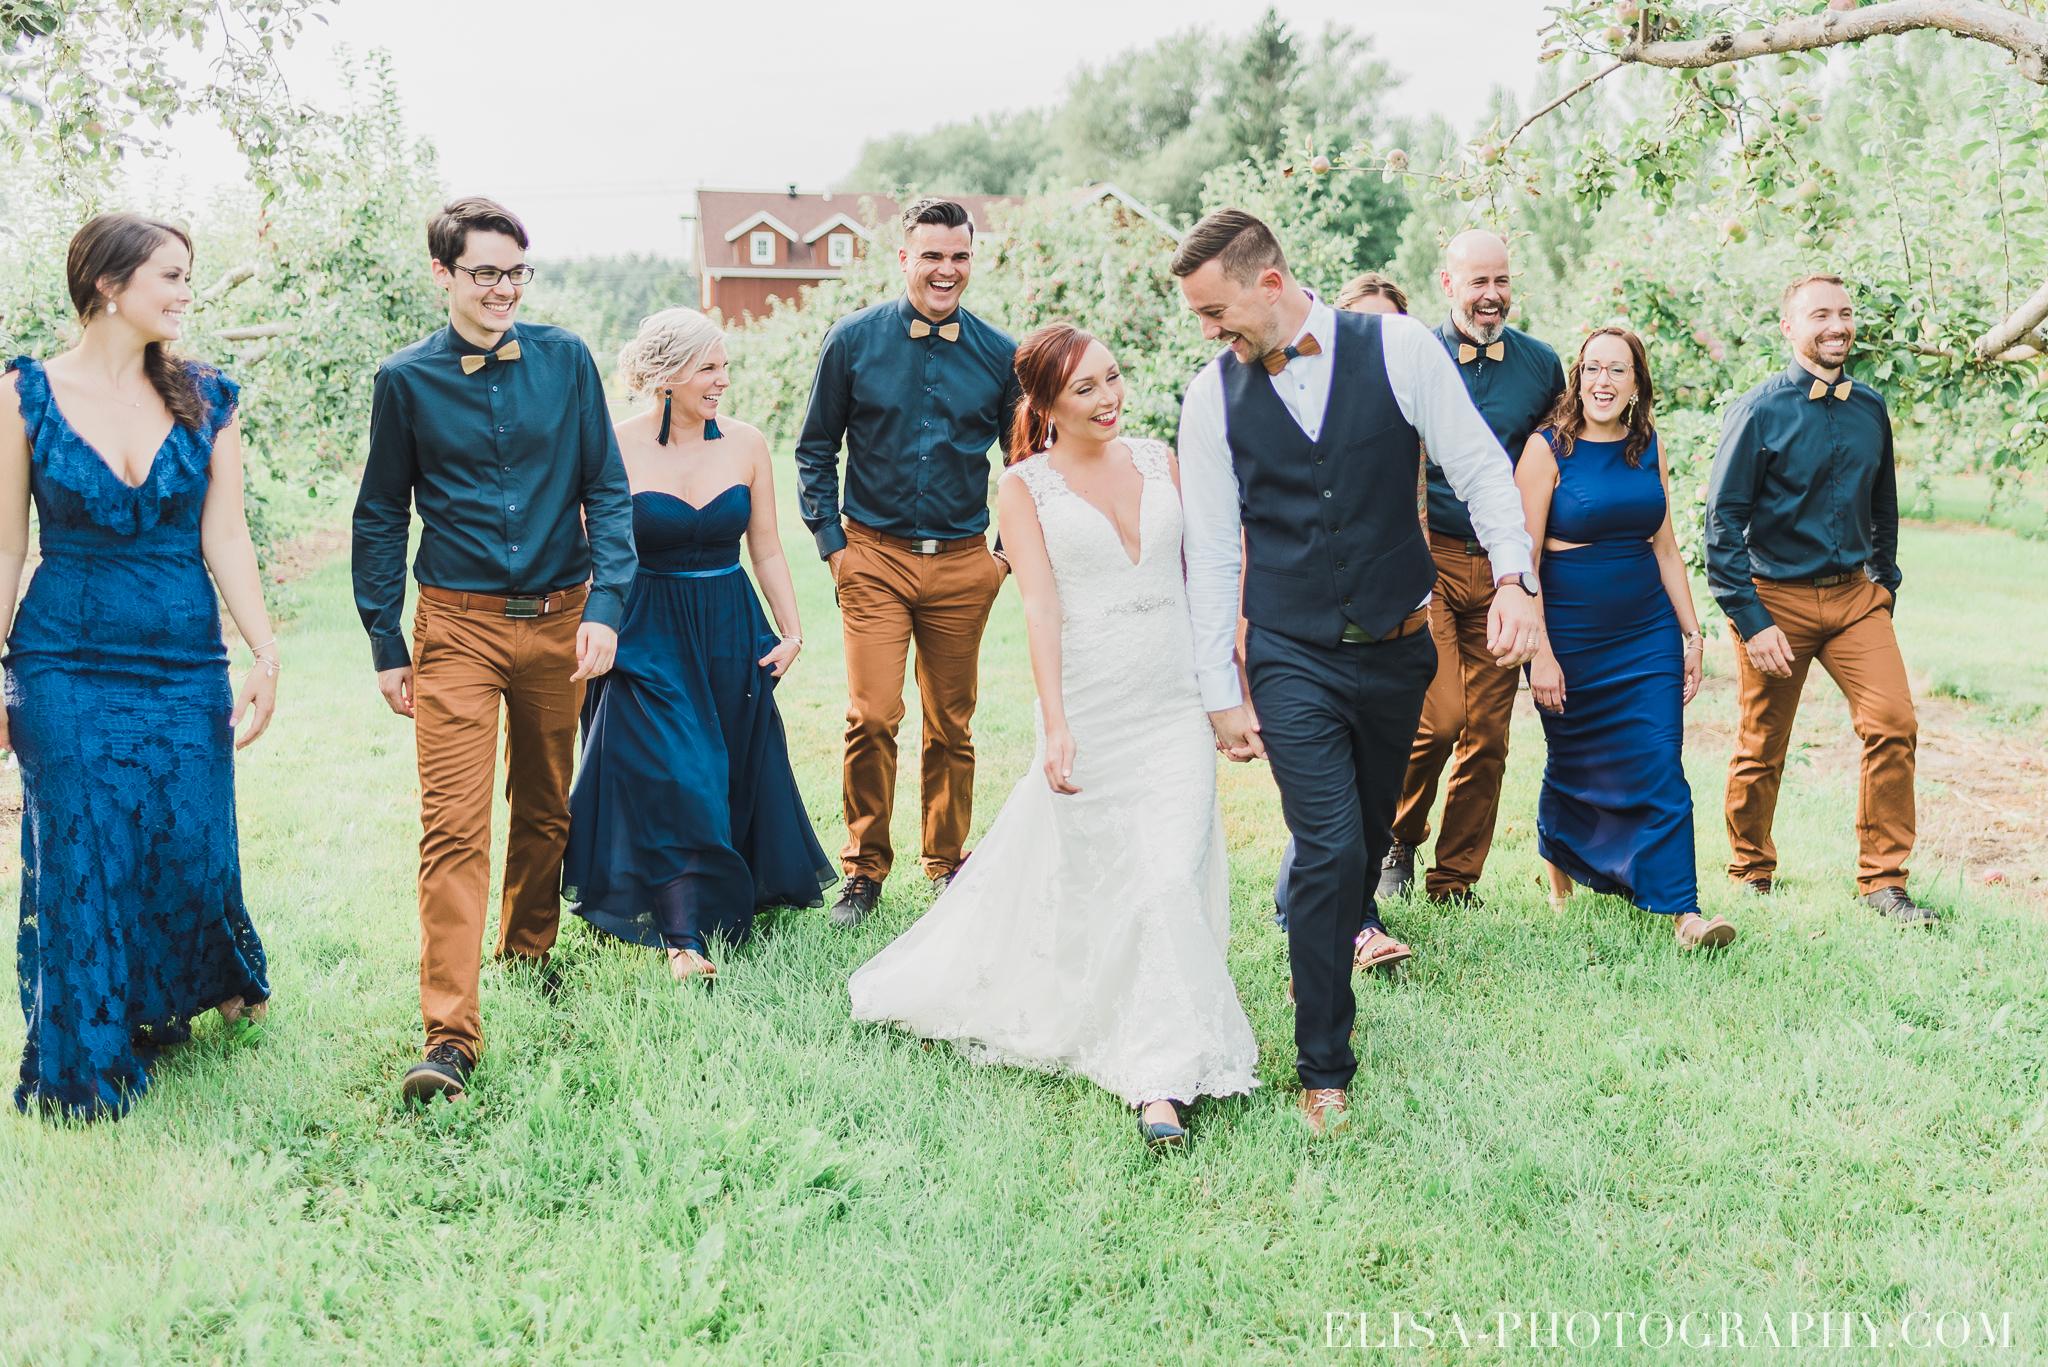 photo mariage ferme genest cortege verger pommier quebec smoke bomb 1750 - Smoke bomb et mariage dans les vergers de la Ferme Genest à Saint-Nicolas